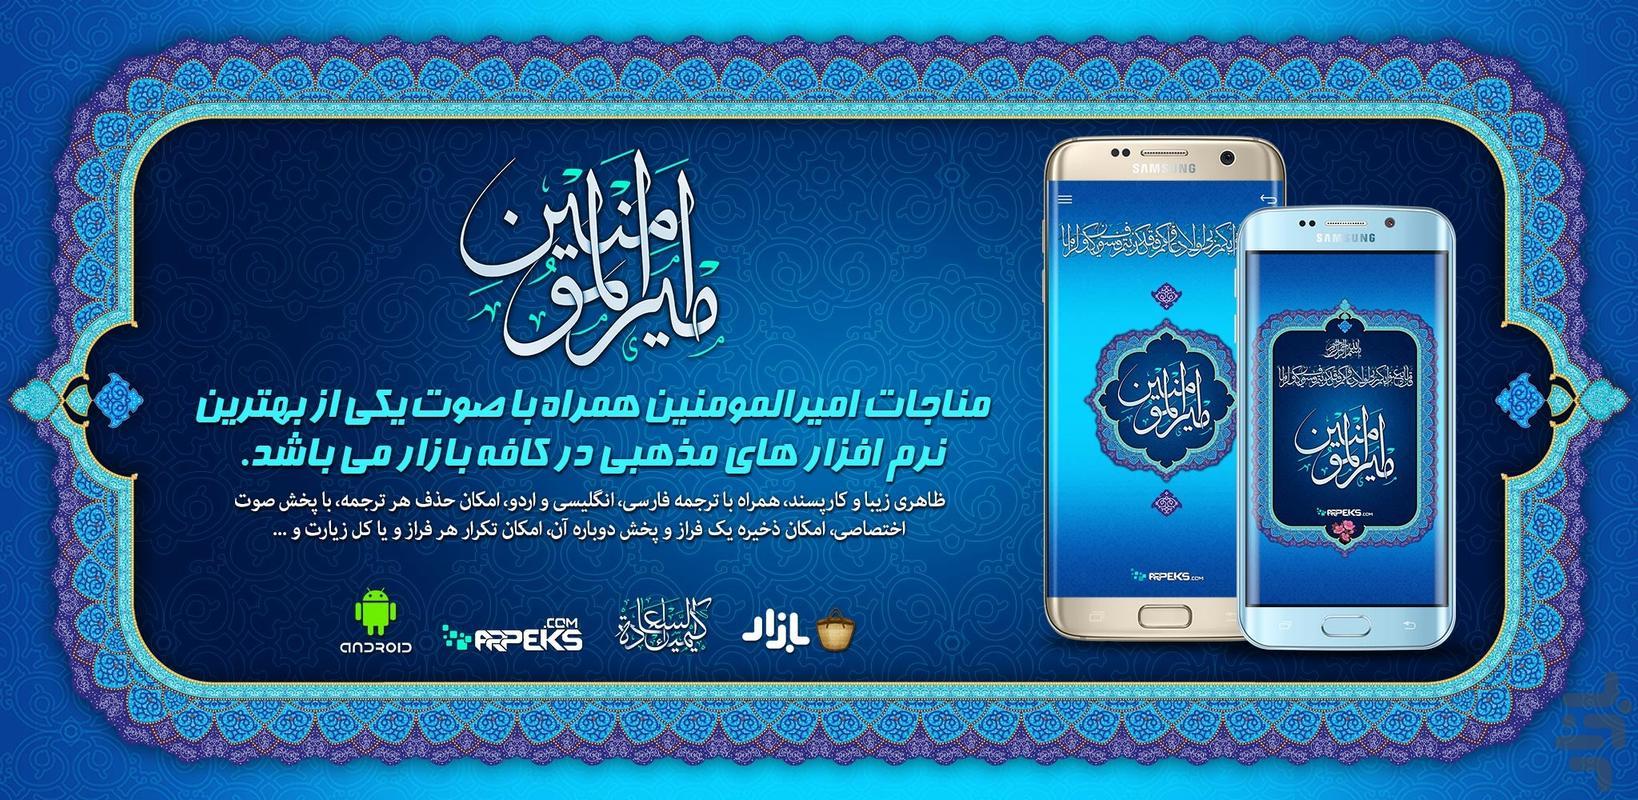 مناجات امیرالمومنین(ع) همراه با صوت - عکس برنامه موبایلی اندروید